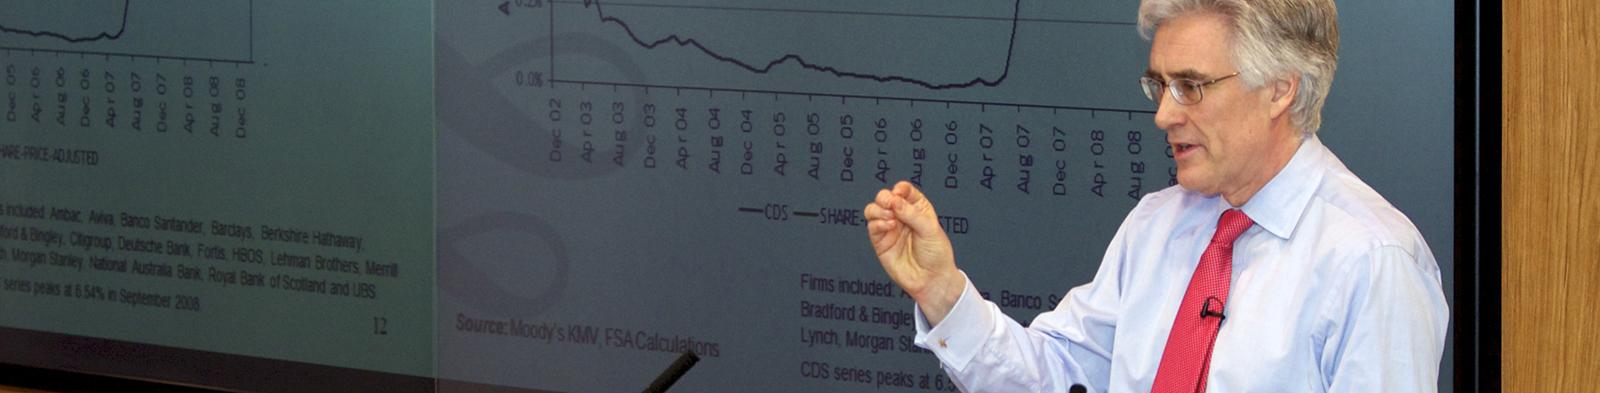 Adair Turner speaking at the Business School.